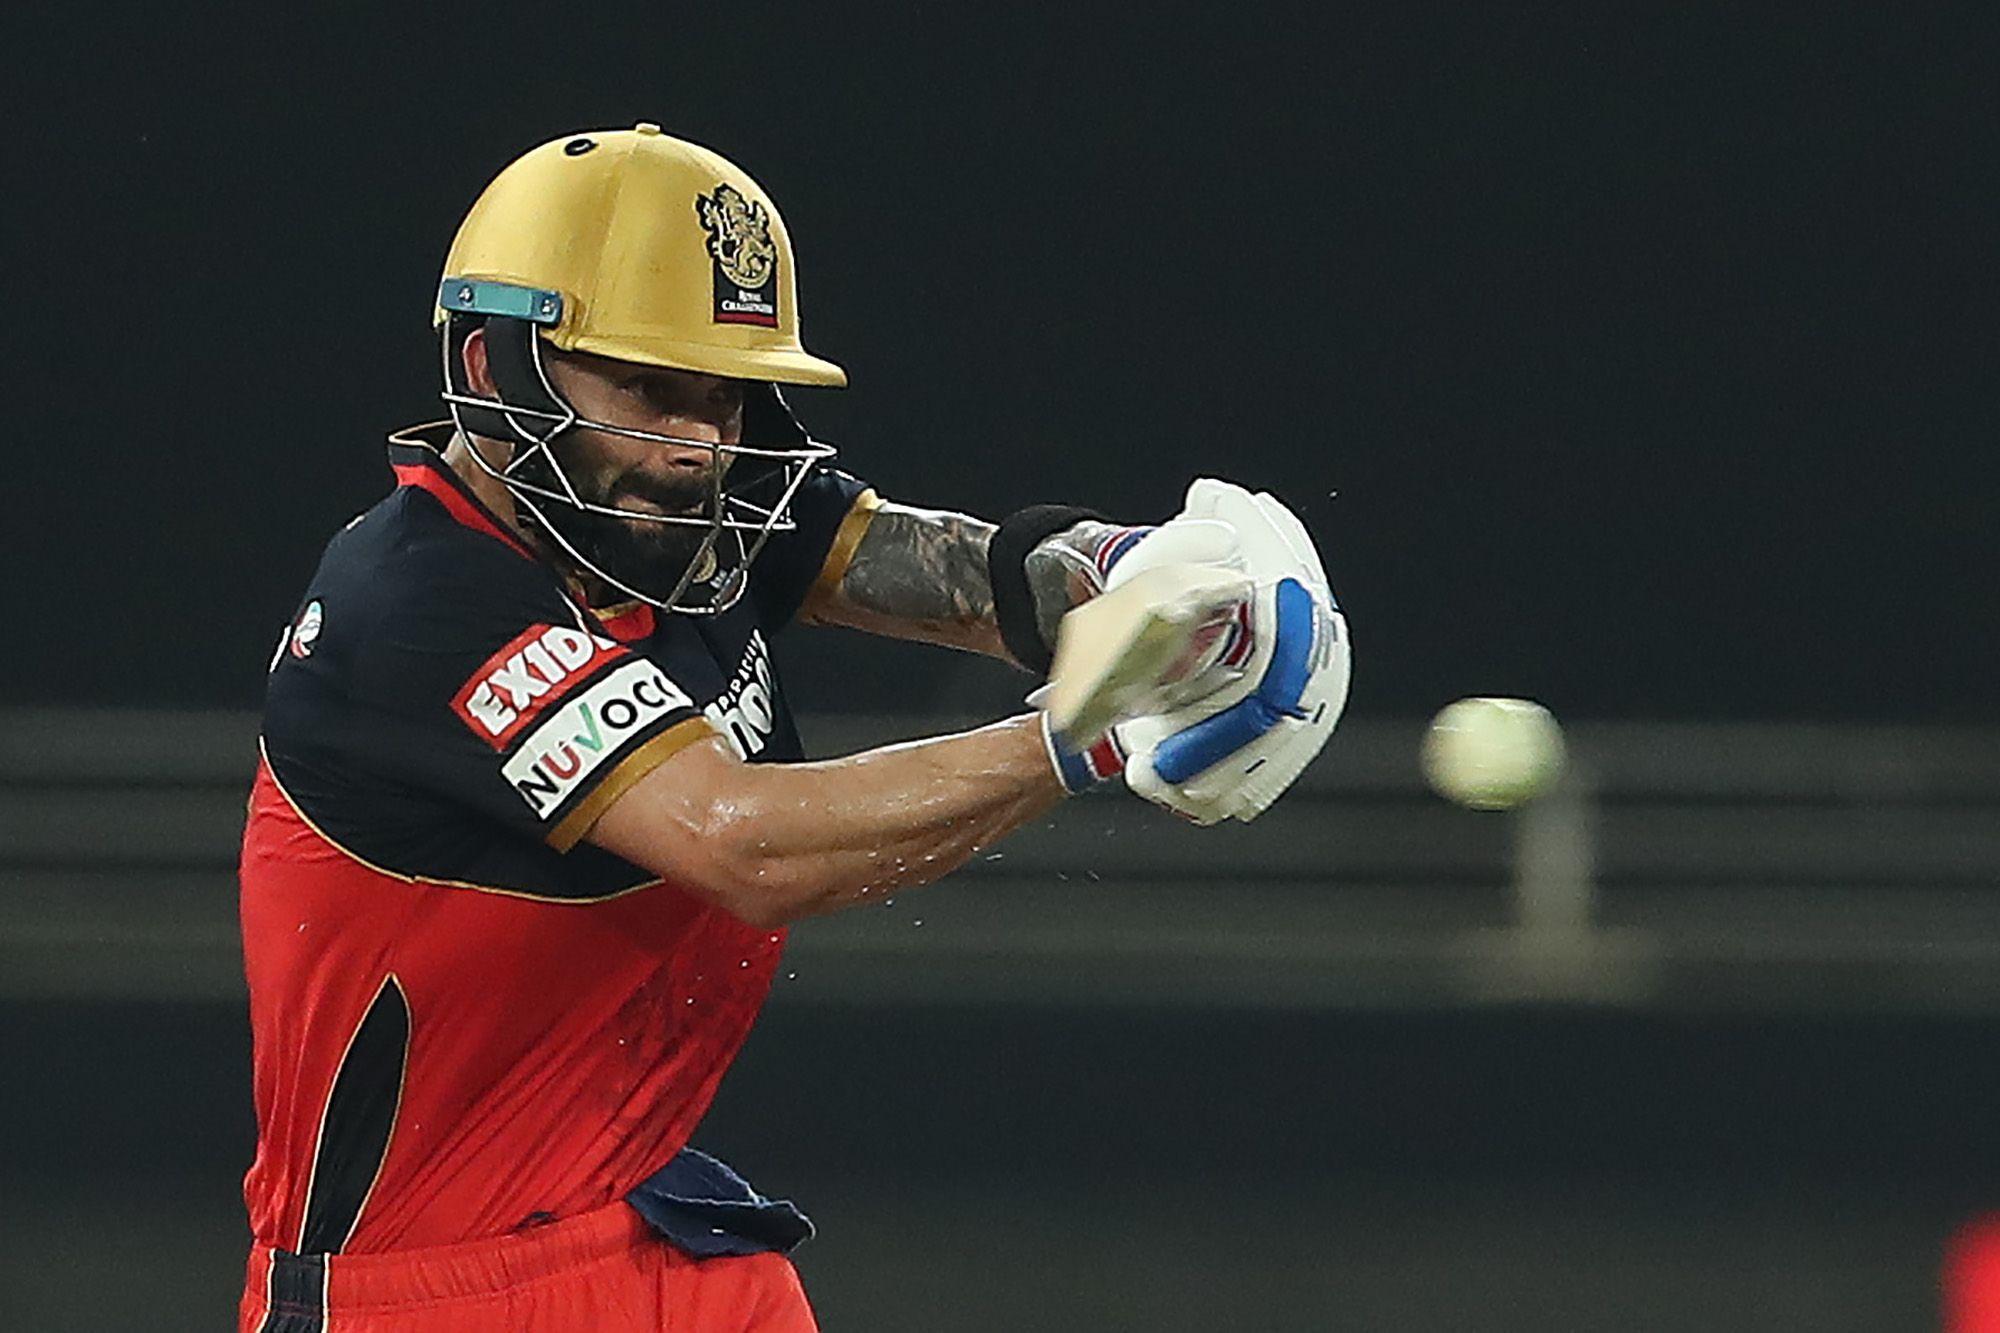 MIvsDC: पहले क्वालीफायर मैच के बाद इन 2 भारतीय खिलाड़ियों के पास है ऑरेंज कैप और पर्पल कैप 4